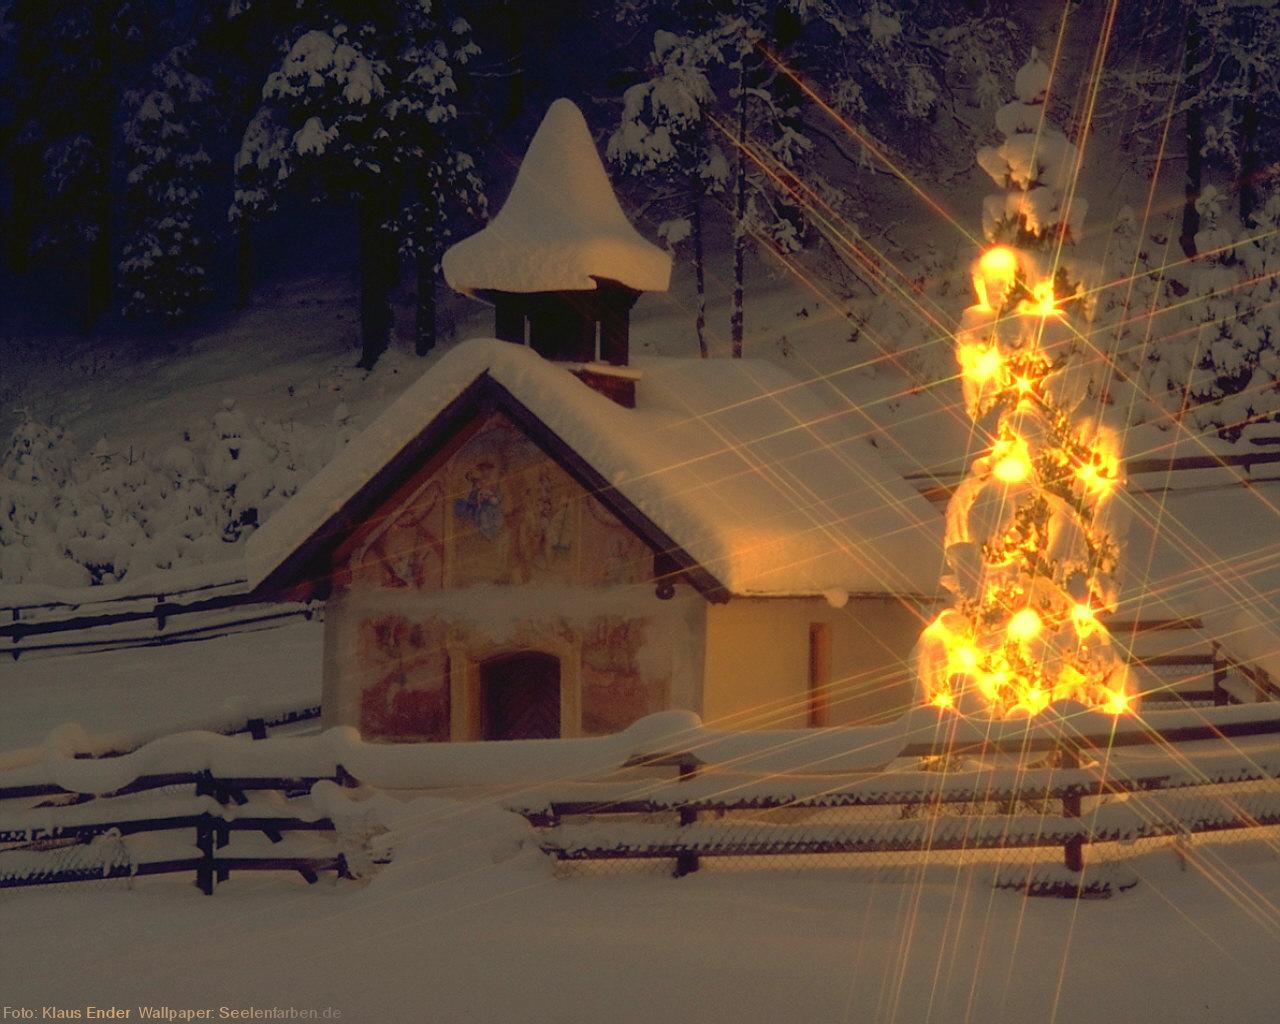 Seelenfarben Weihnachten.Weihnachten Tannenbaum Lichterkette